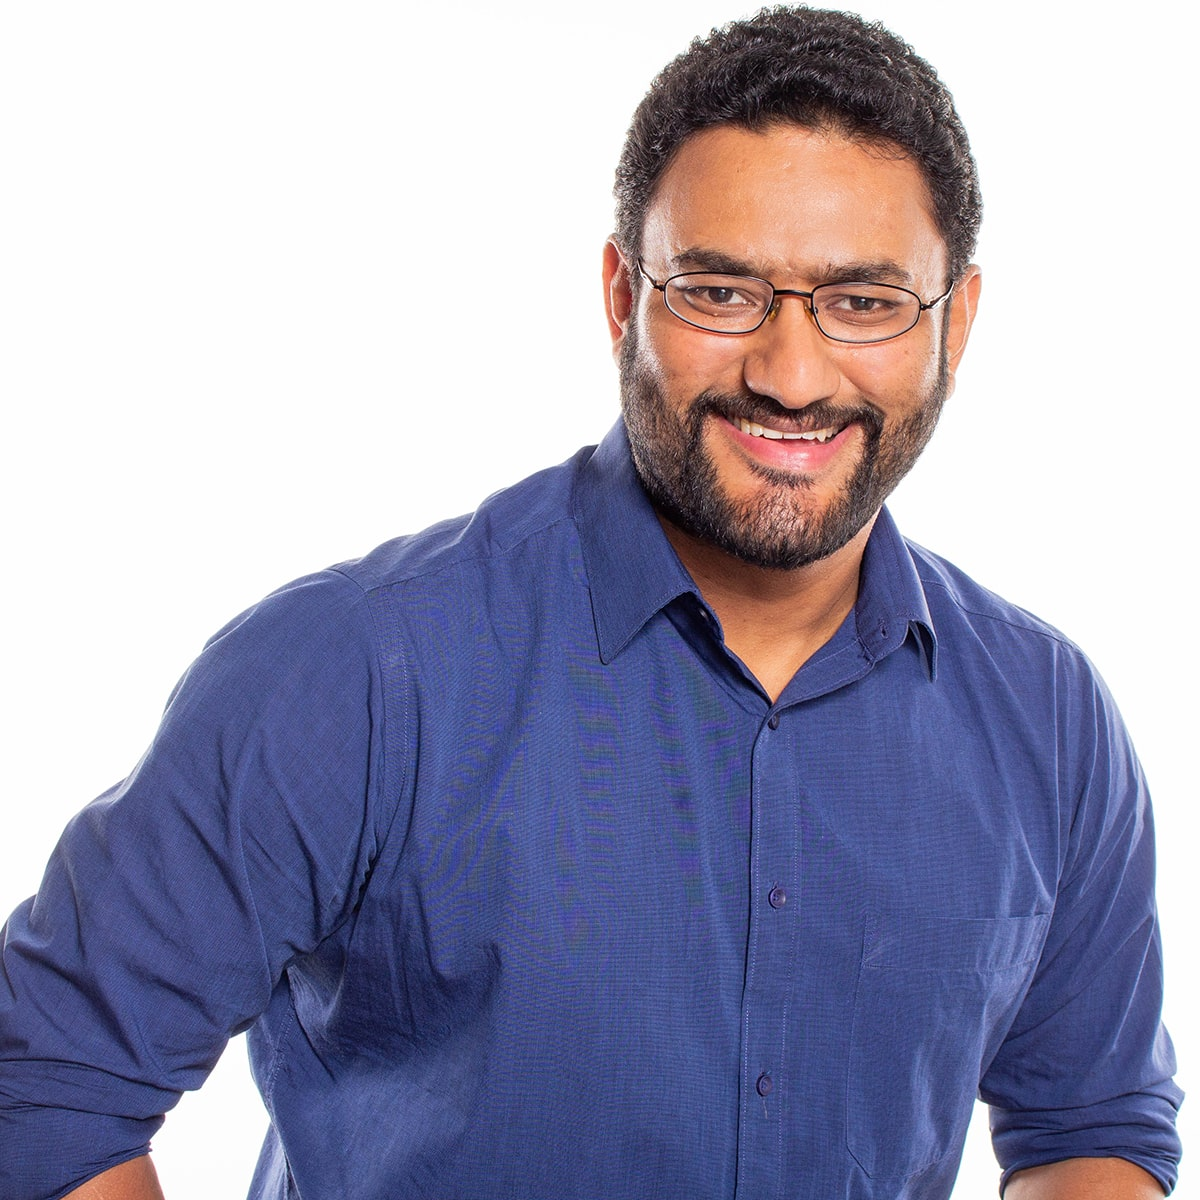 Biswaroop Chatterjee - Client Director at MetrixLab